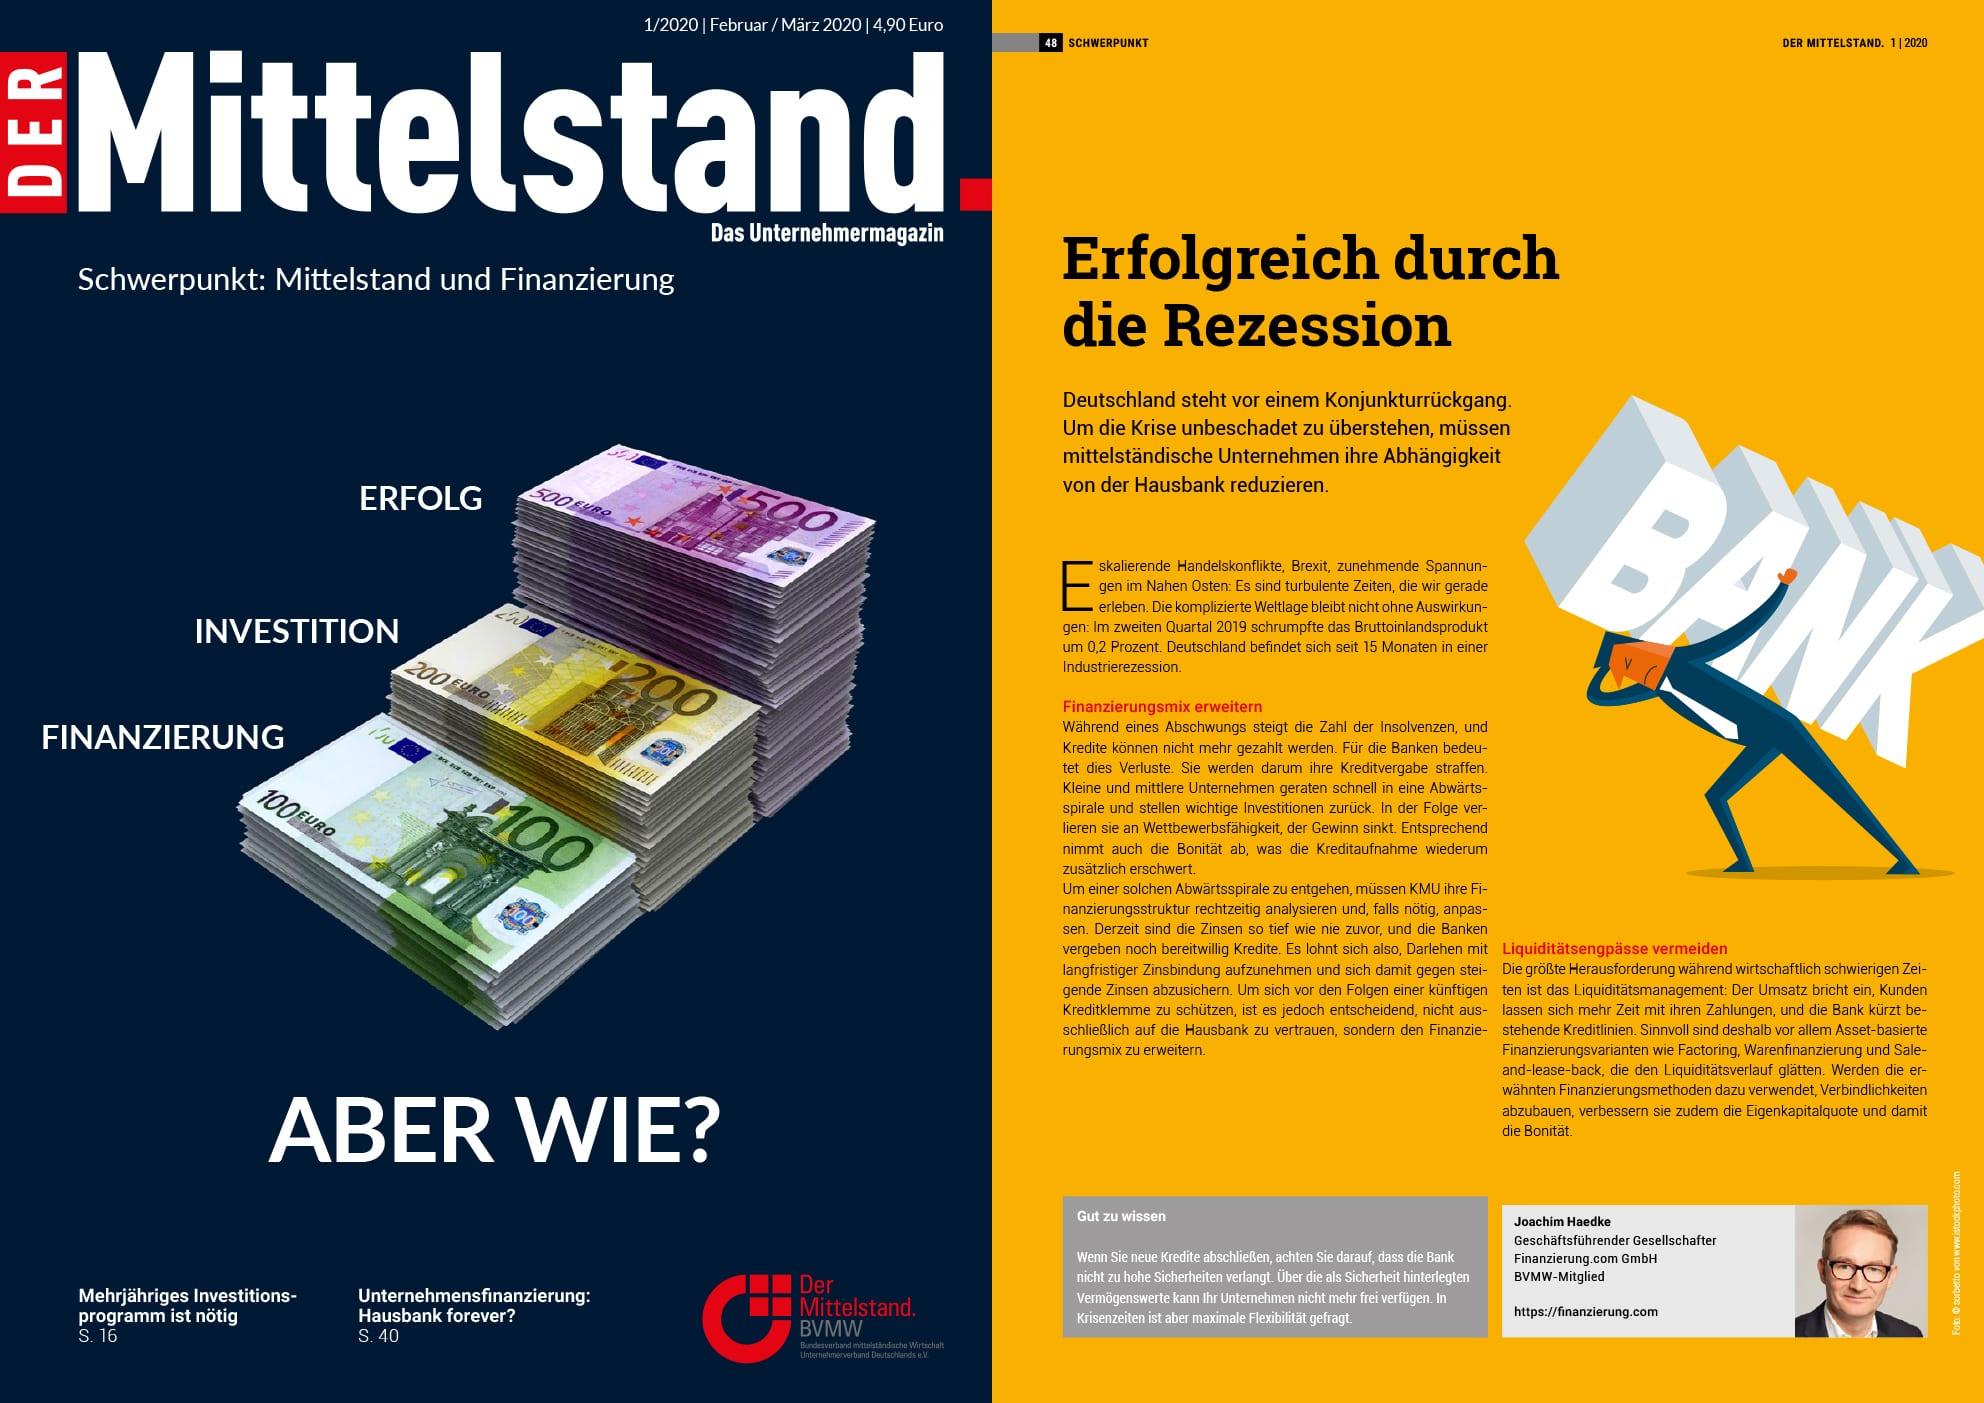 Der Mittelstand - Finanzierung.com